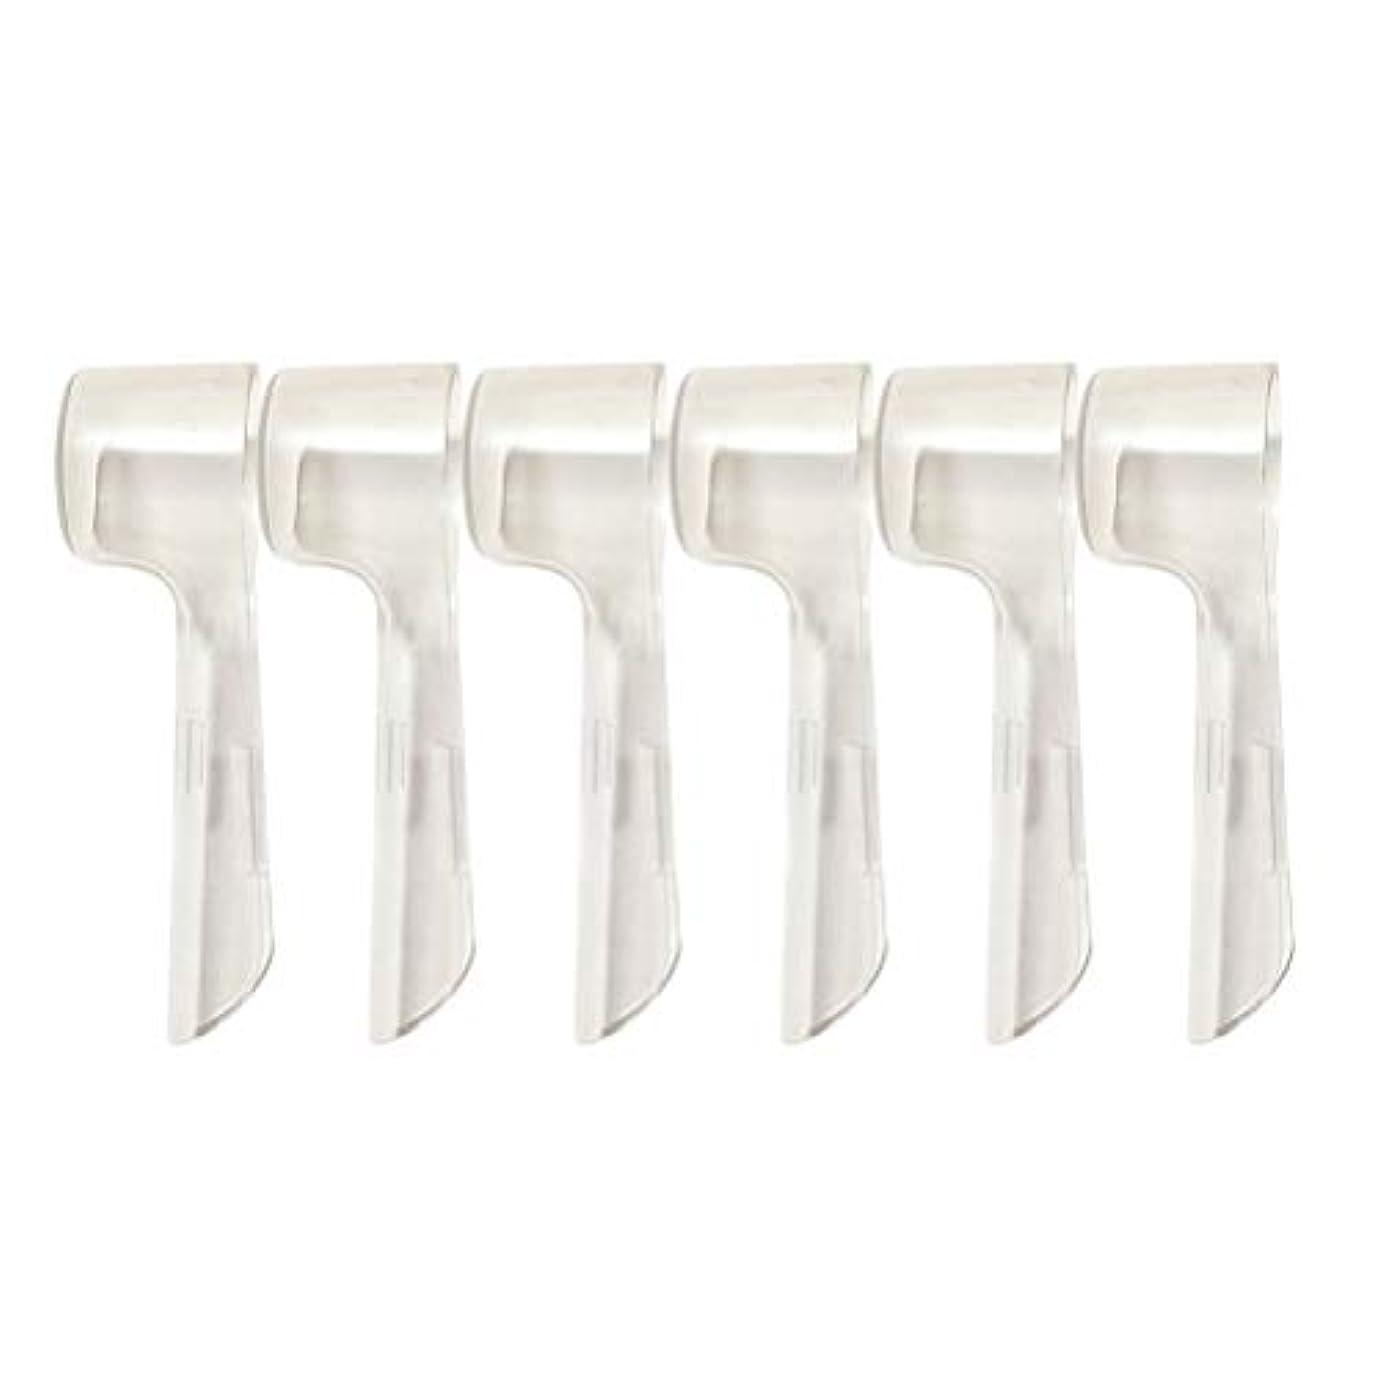 ミシンヒギンズ回復するHealifty 10本の歯ブラシカバー電動歯ブラシは旅行やその他の衛生に便利です。